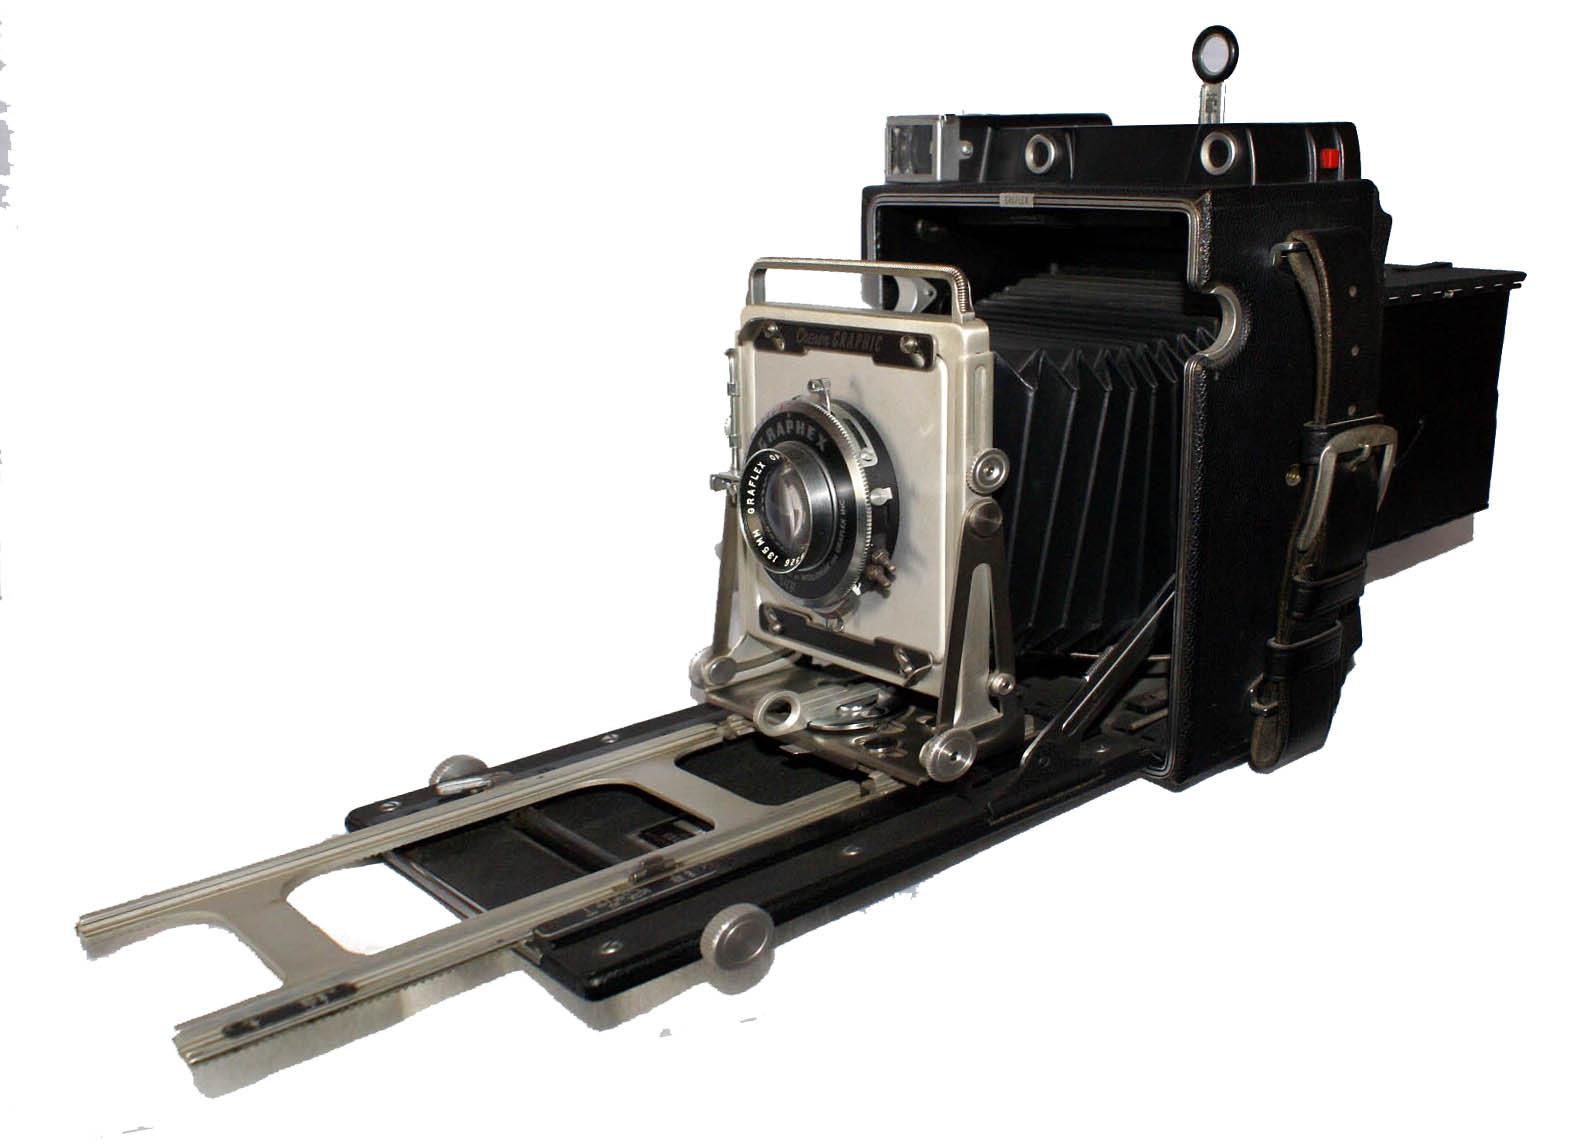 Peut-être le plus esthétique des appareils photographiques  source : JCR